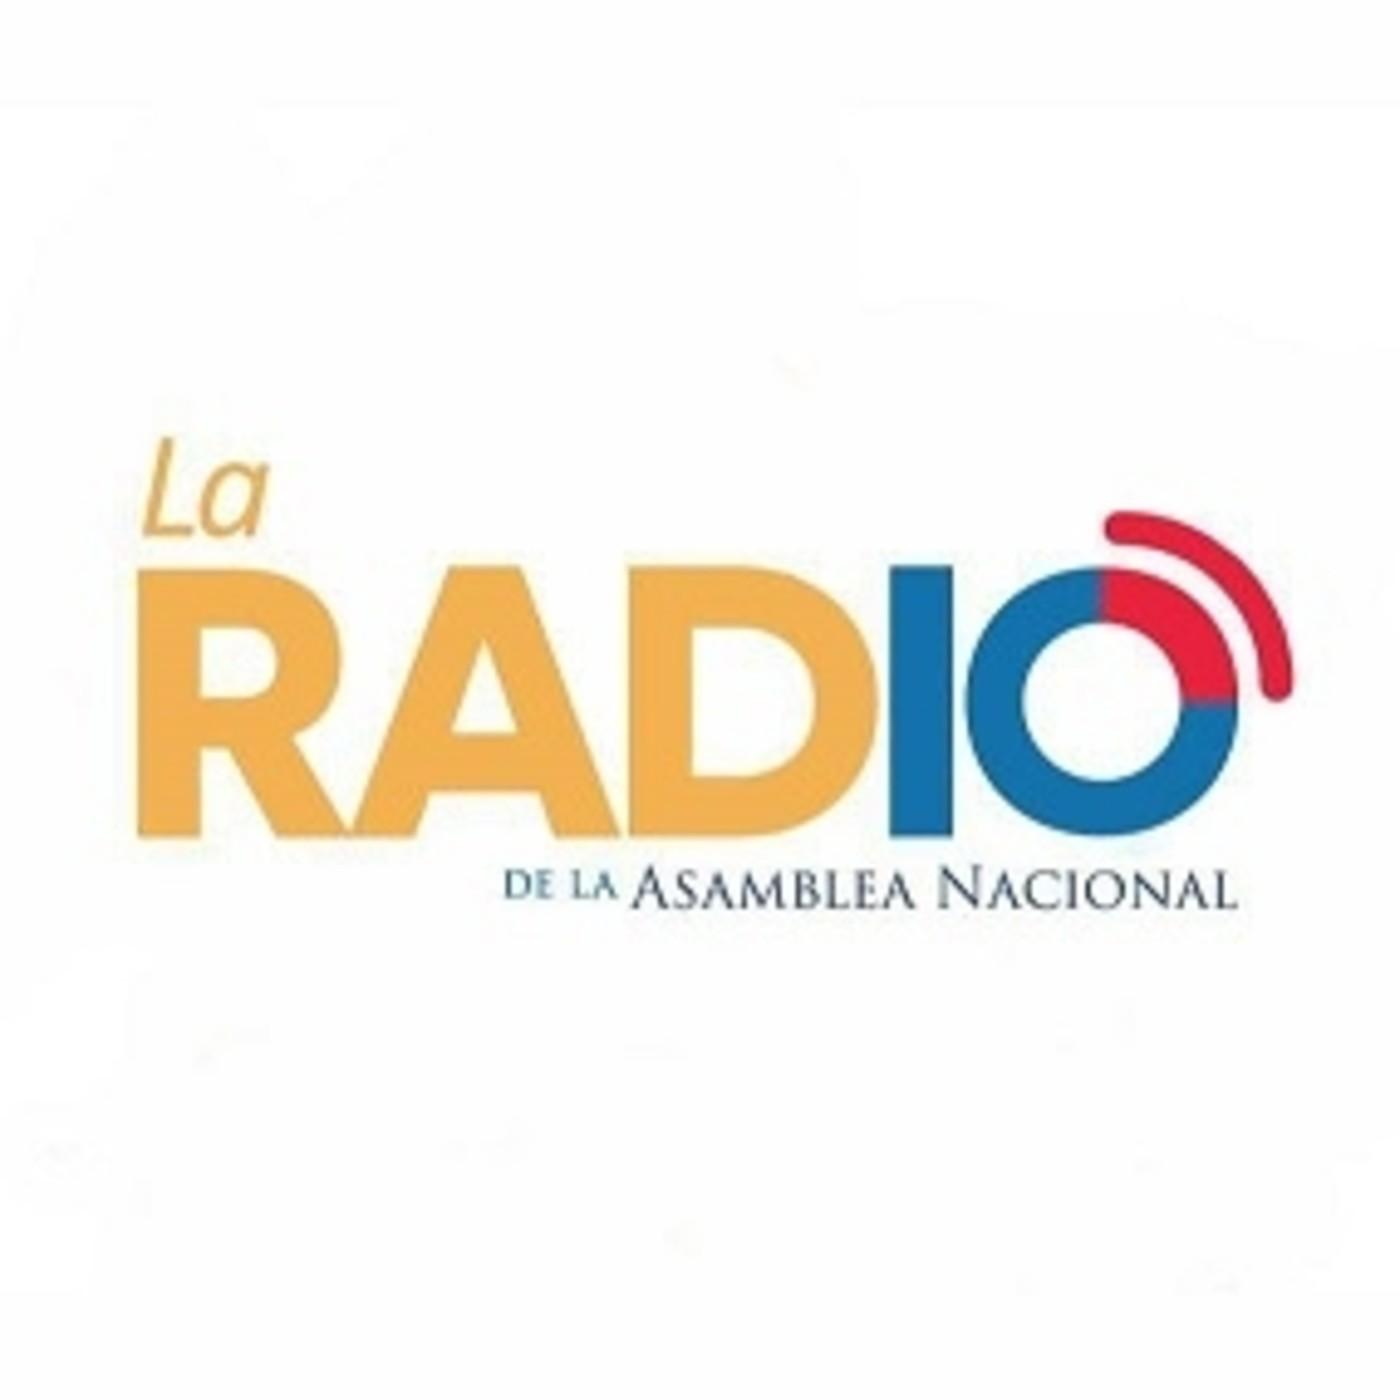 Producciones Especiales La Radio